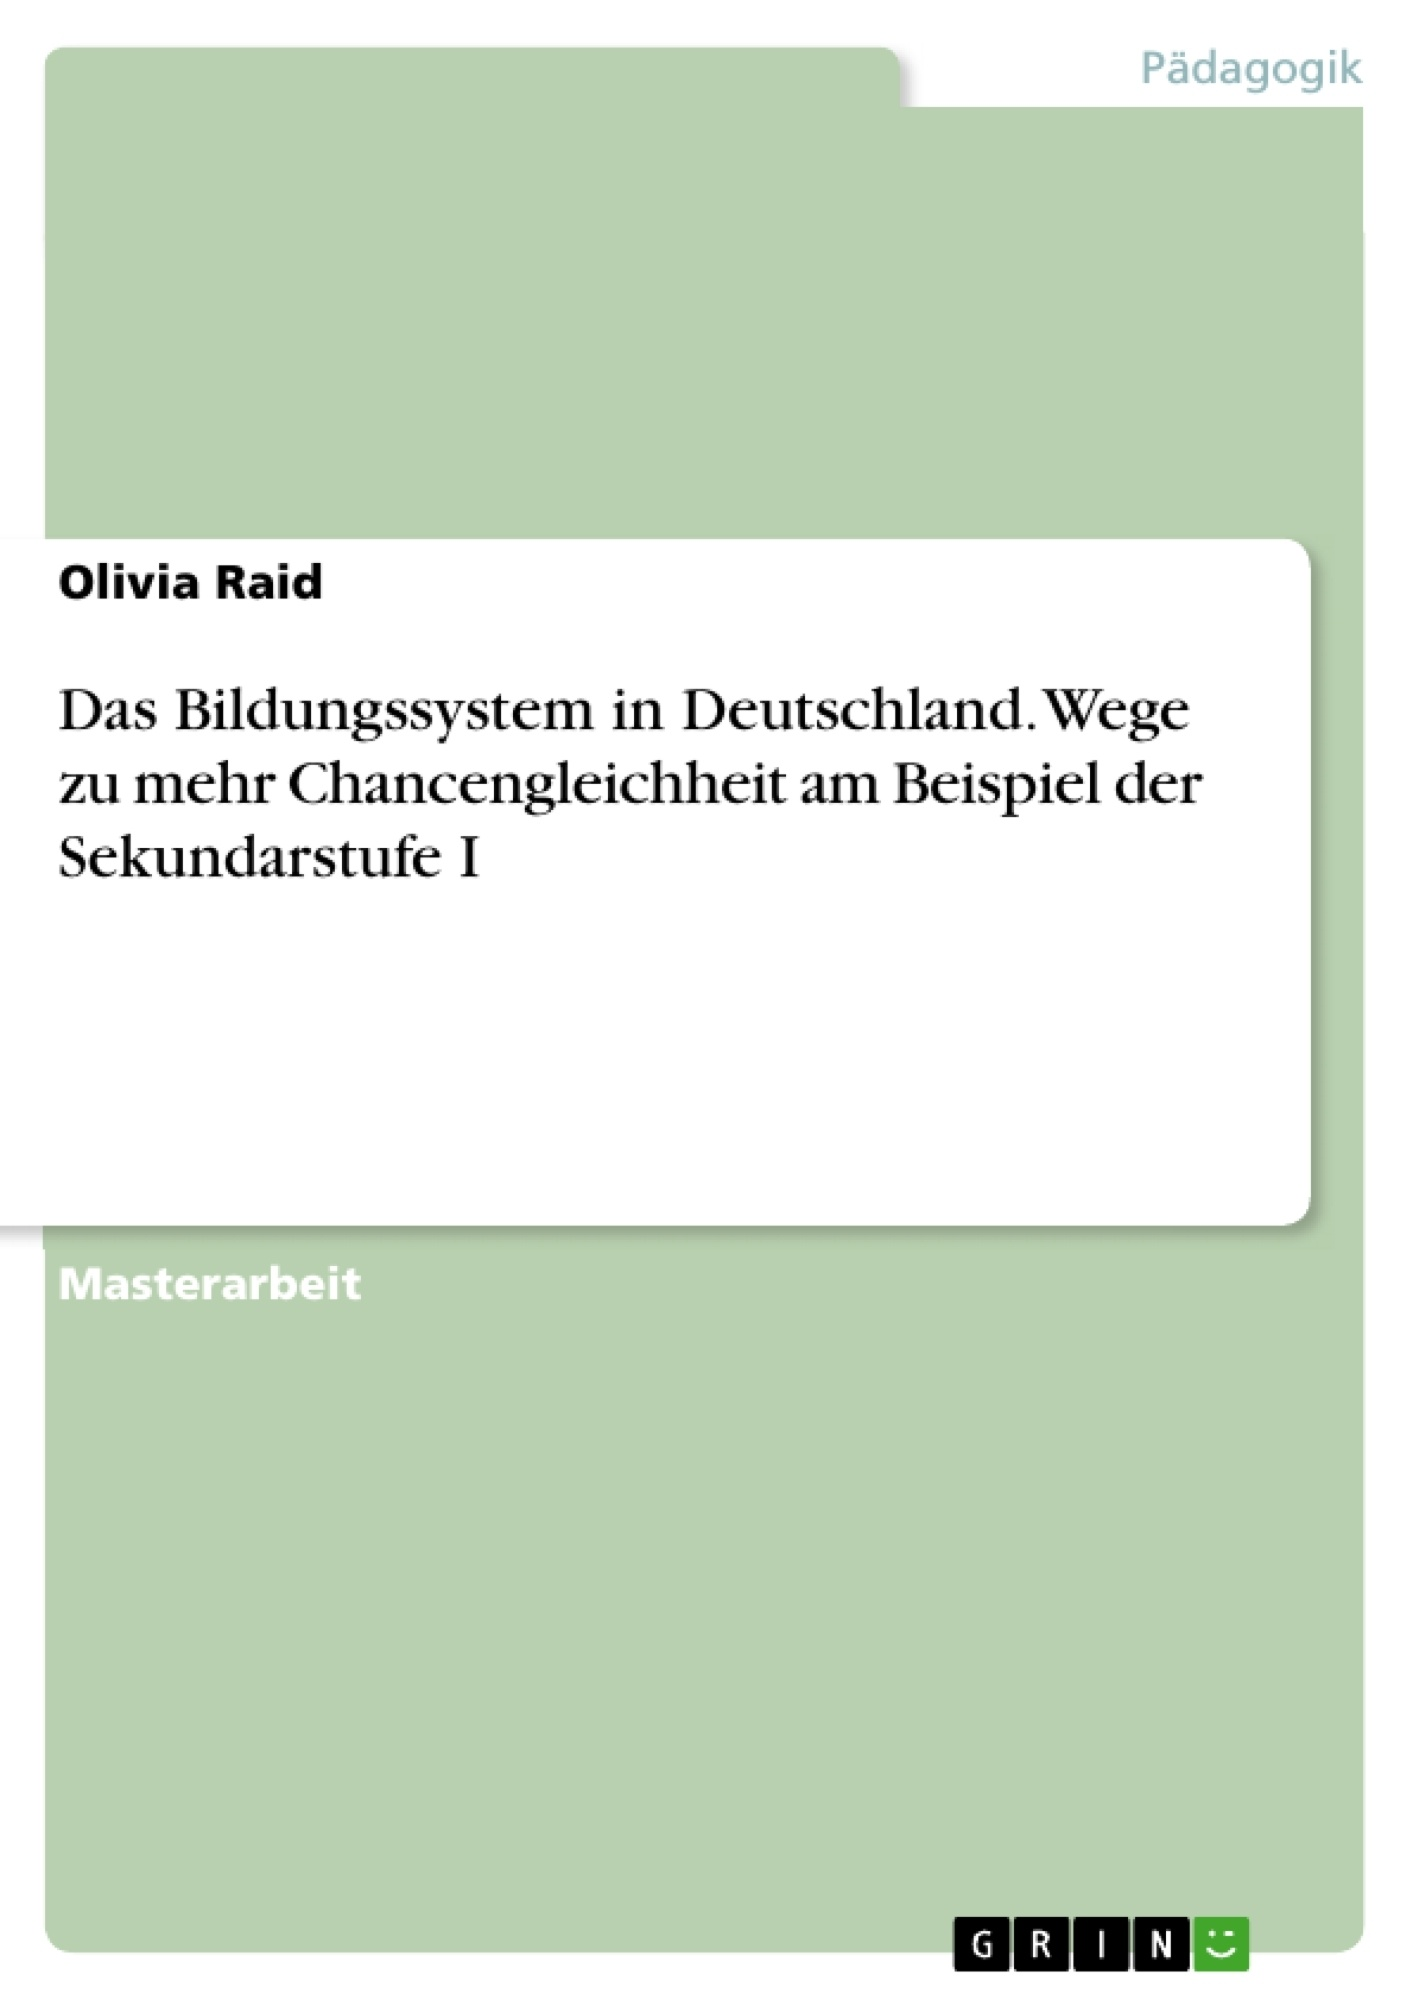 Titel: Das Bildungssystem in Deutschland. Wege zu mehr Chancengleichheit am Beispiel der Sekundarstufe I